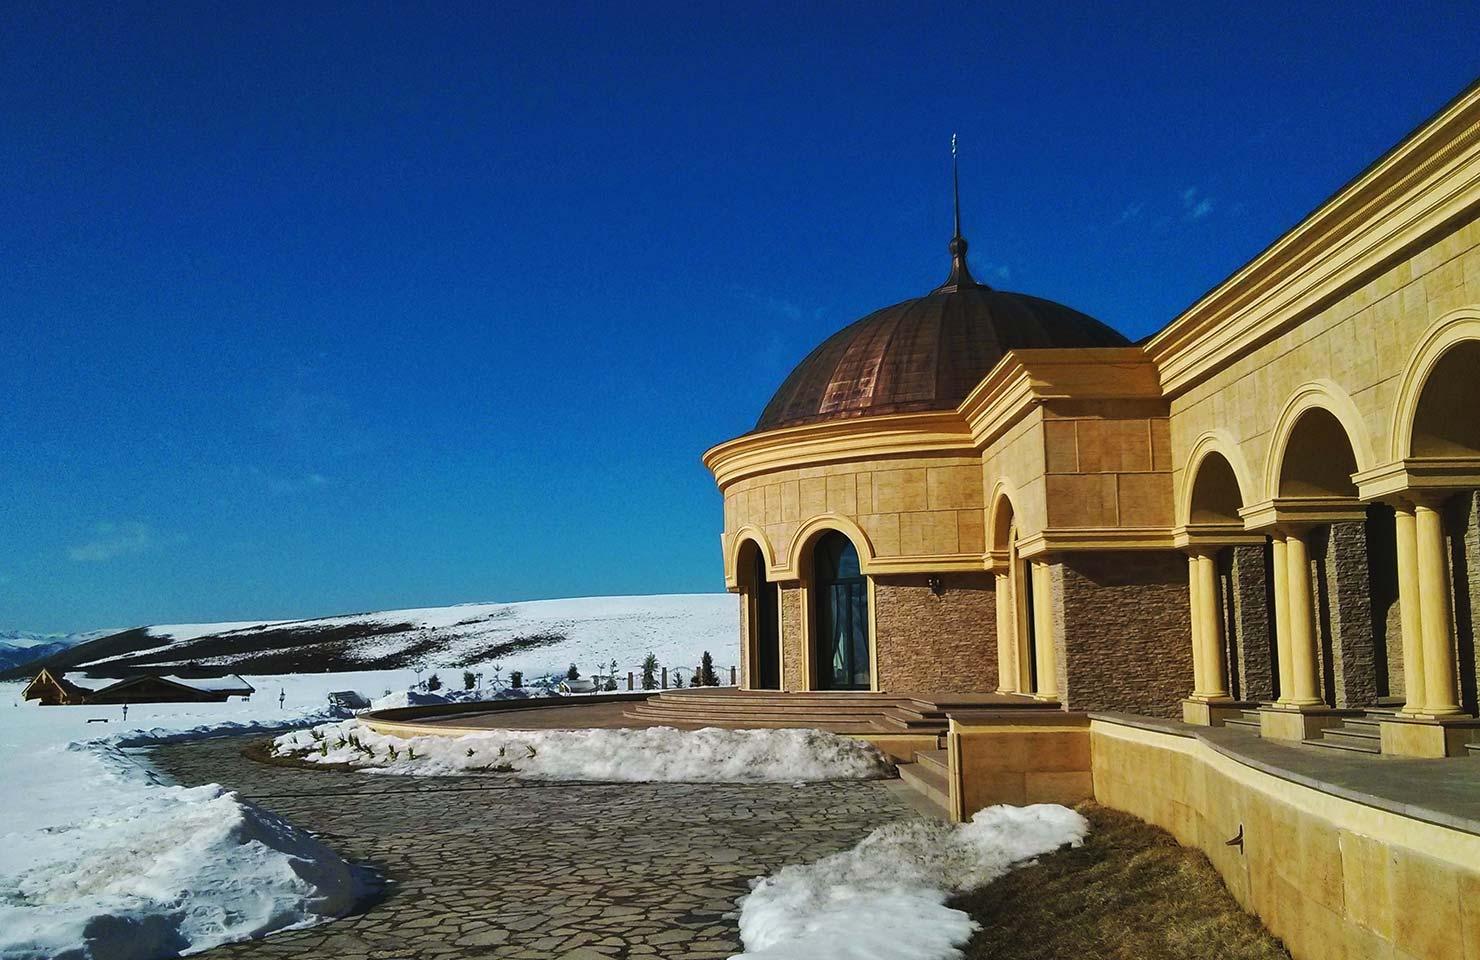 Ushkonyr (Kazakistan)